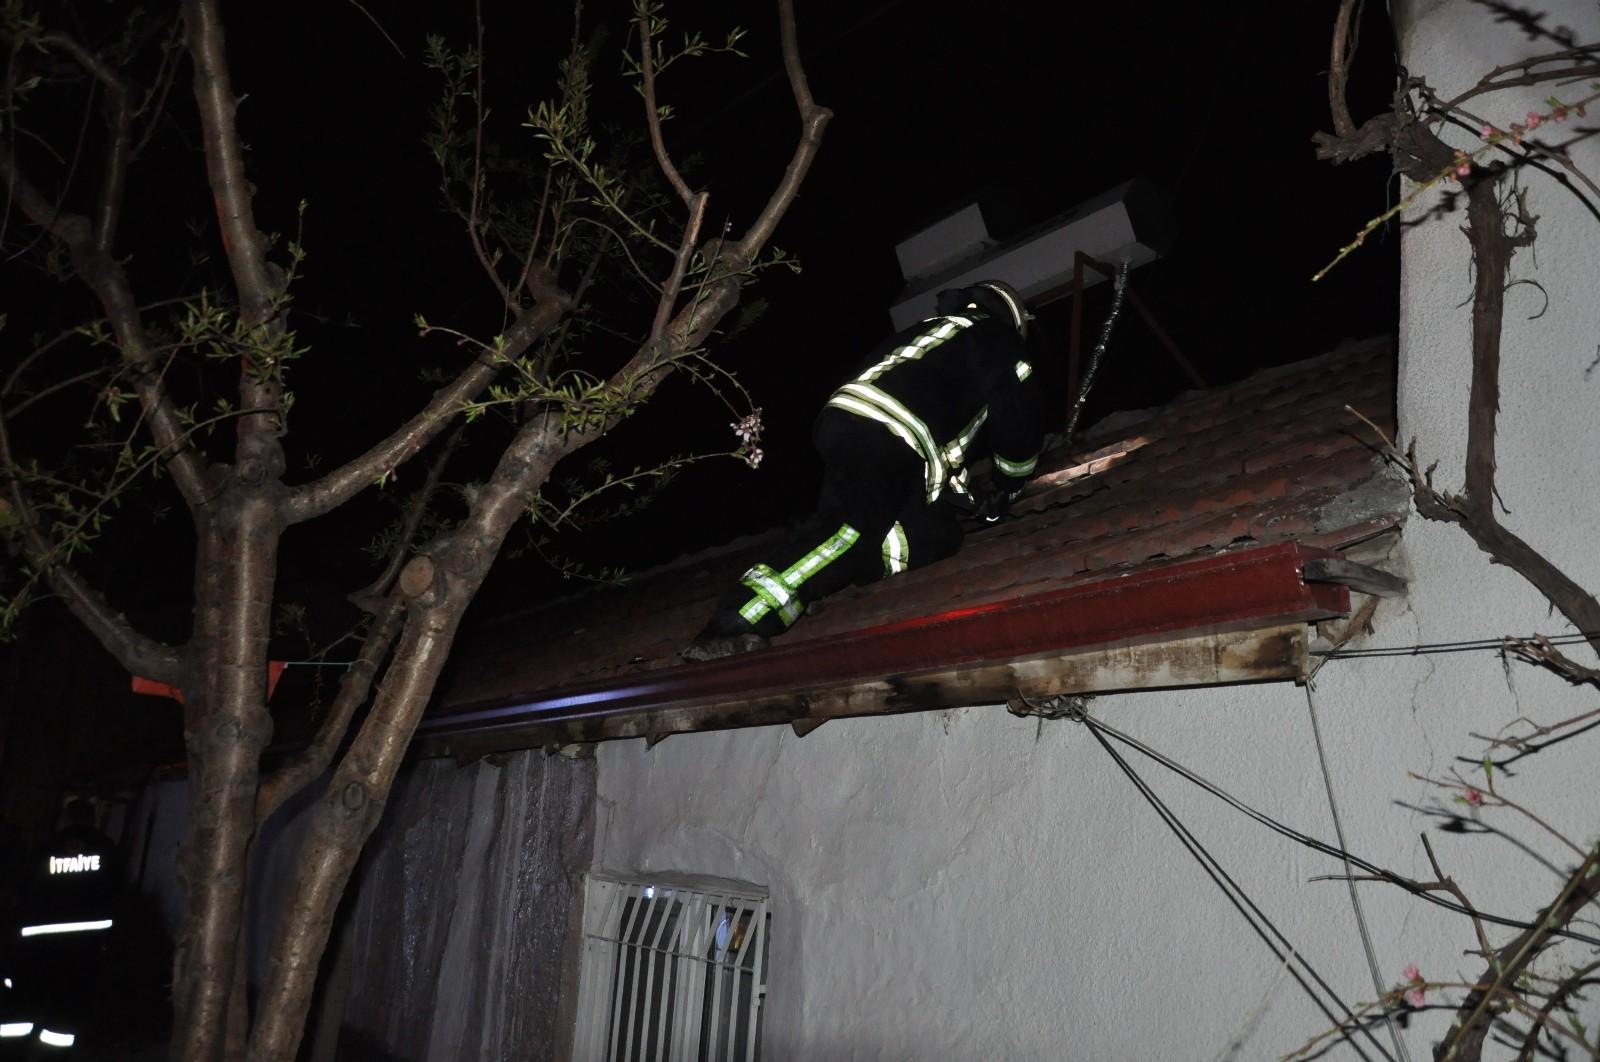 Az kalsın evi yakacaktı! Odunlukta çıkan yangın eve sıçramadan söndürüldü